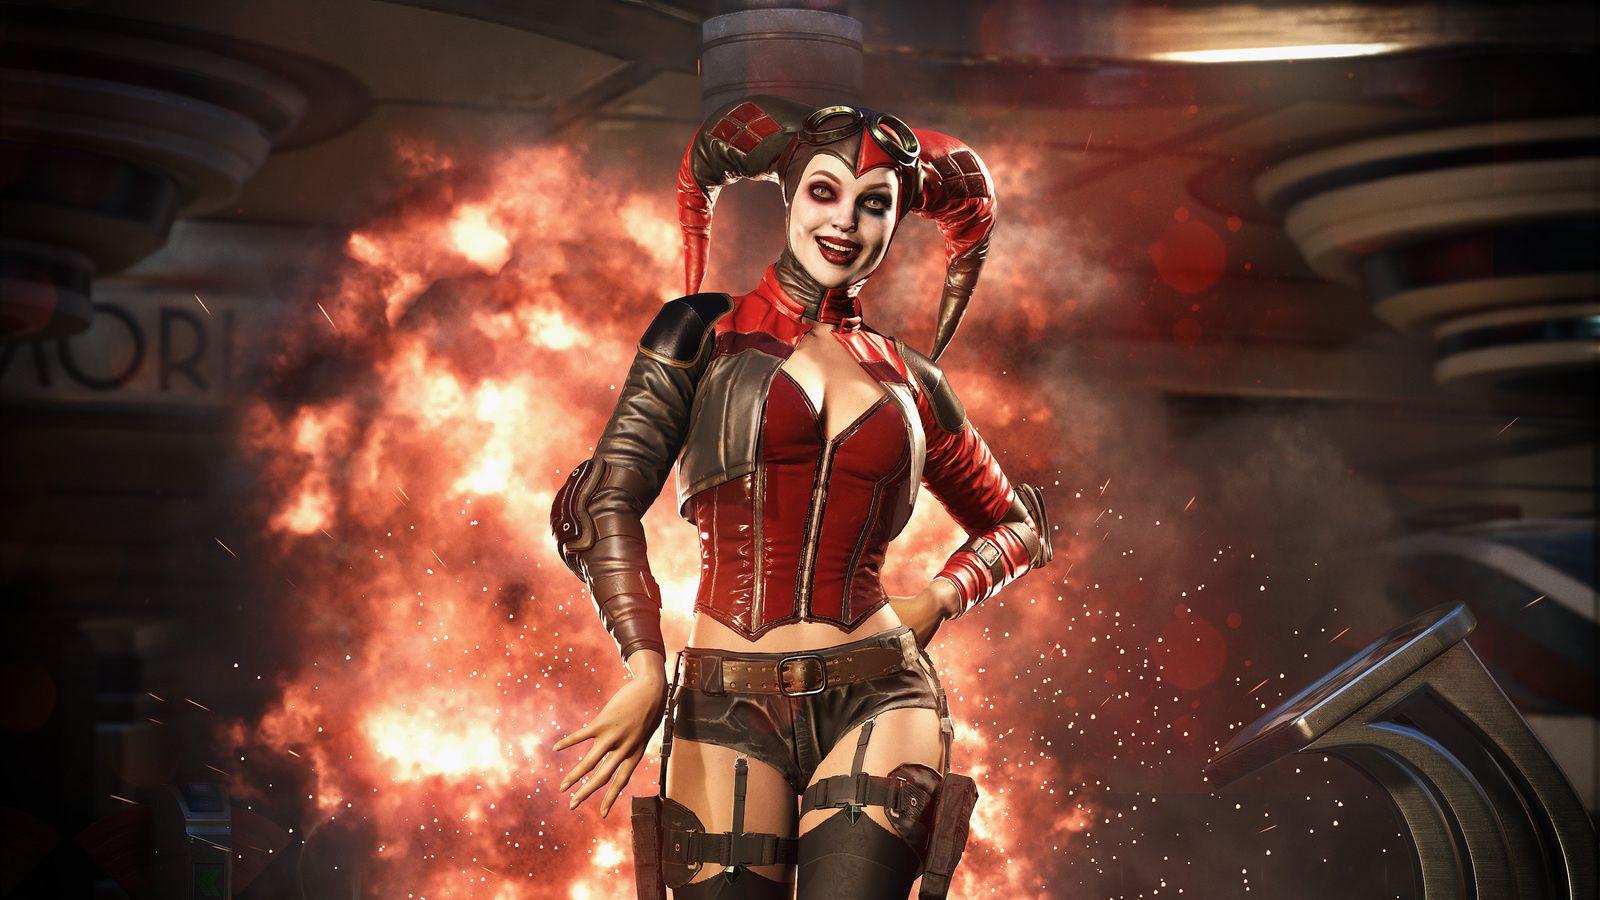 Jeux video: Harley Quinn et #Deadshot de la Suicide Squad arrive dans Injustice 2 !